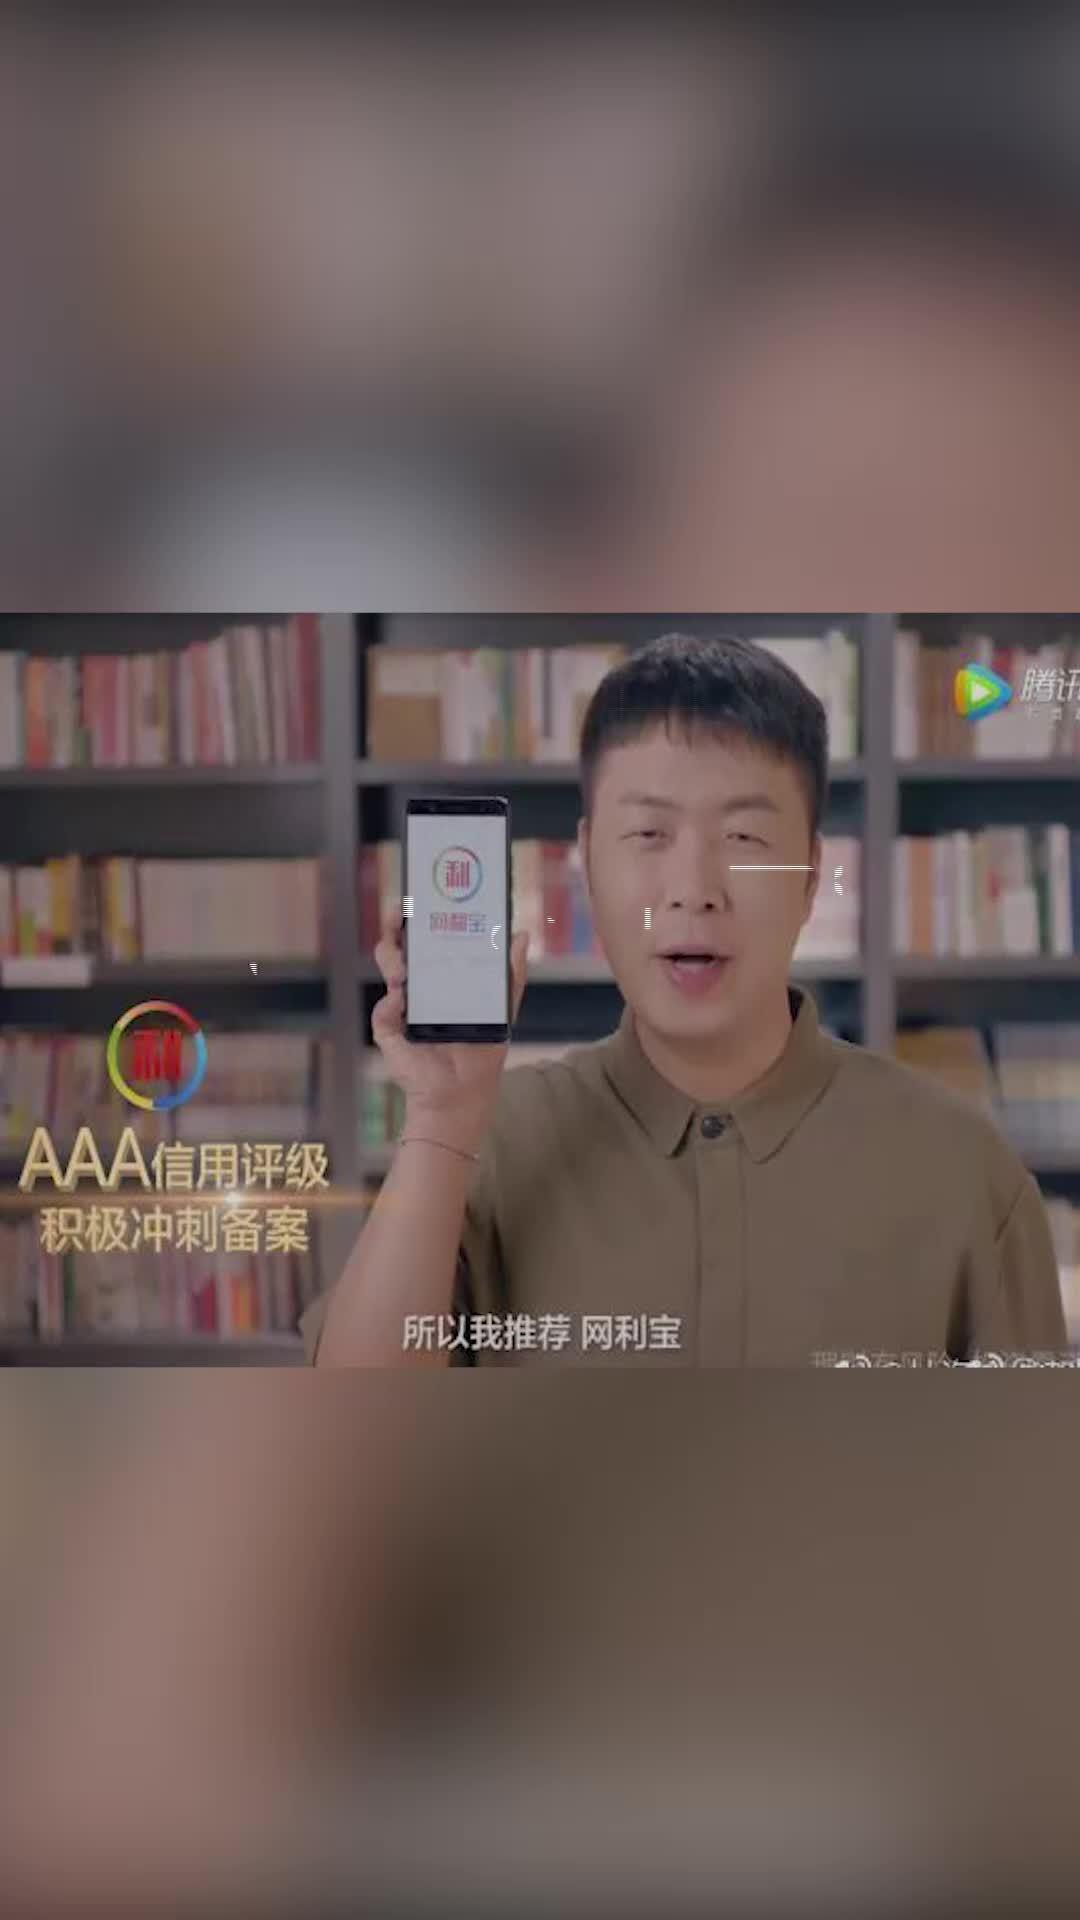 杜海涛网利宝爆雷,杜海涛姐姐直播骂网民活该,已道歉